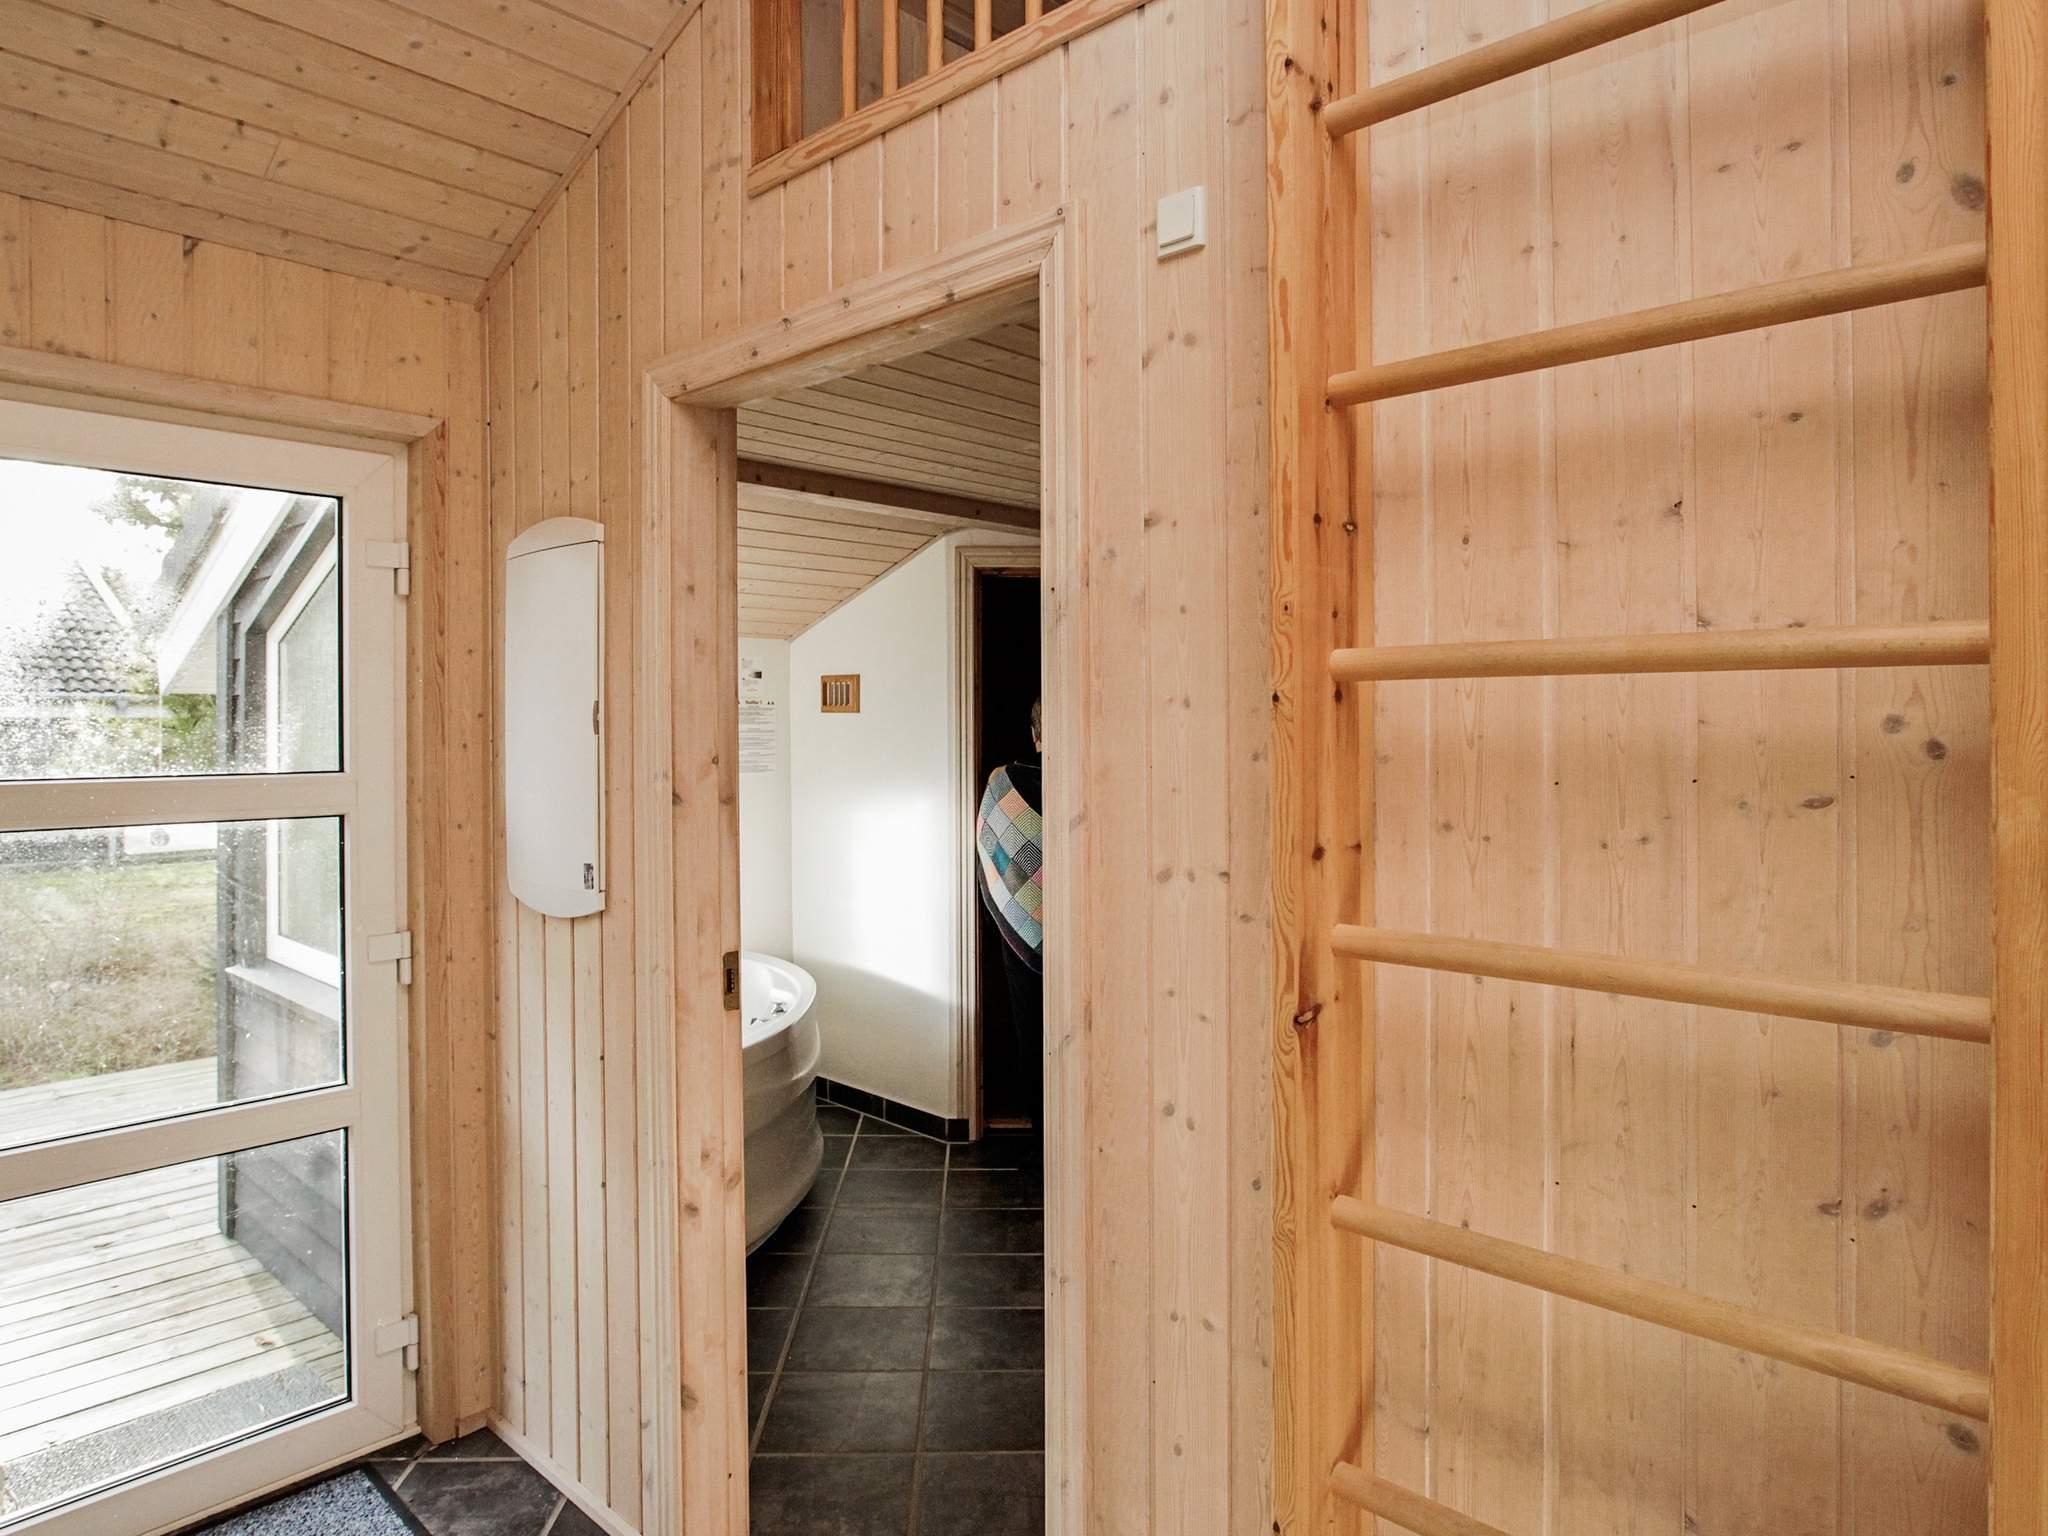 Ferienhaus Lodskovvad (405517), Lodskovvad, , Nordostjütland, Dänemark, Bild 11